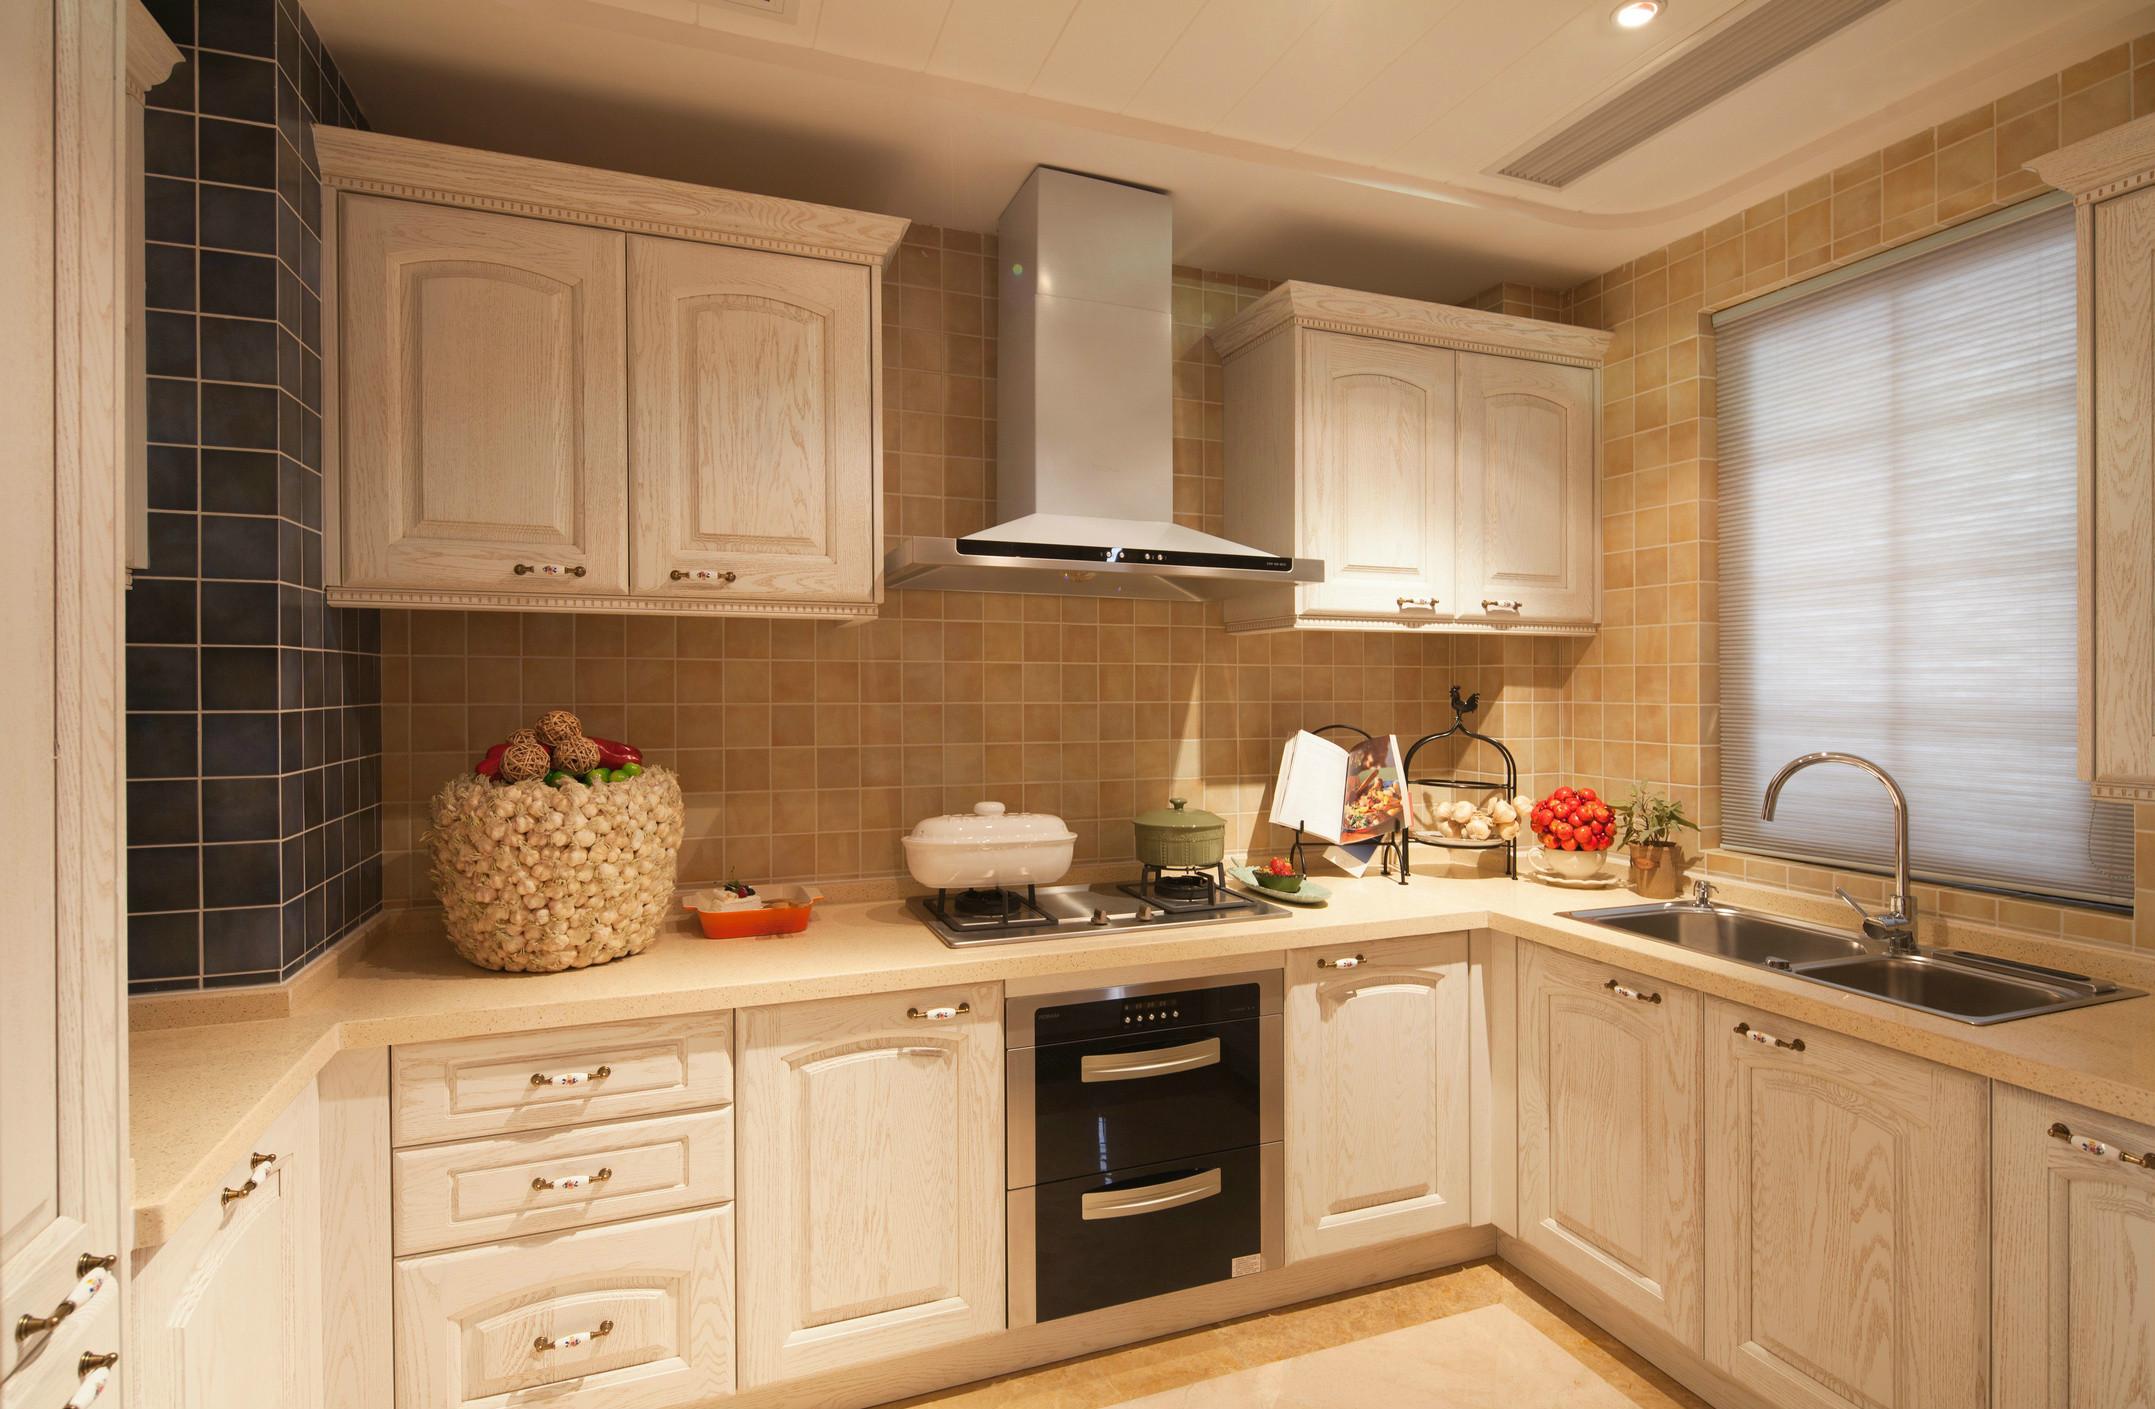 厨房是统一色调,搭配的整体性将华丽大气延续至餐厅。